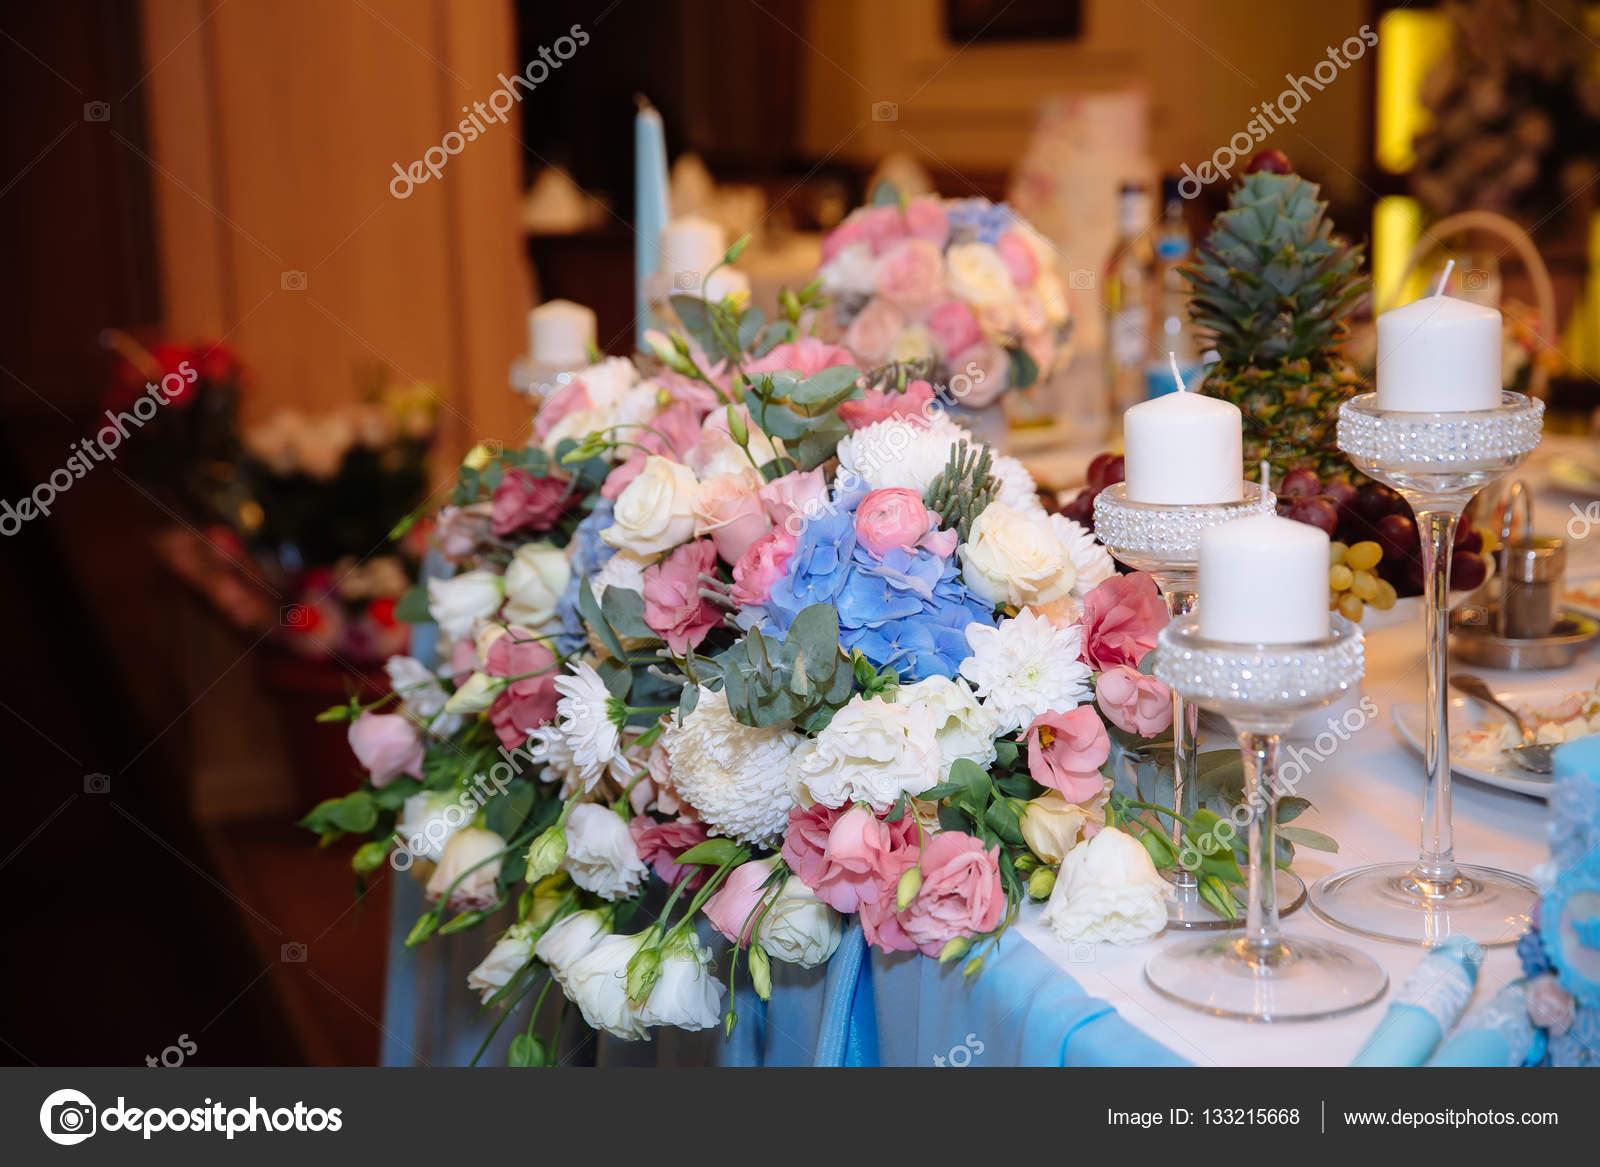 Hochzeitsdekorationen Dekor Auf Dem Tisch Blumen Stockfoto